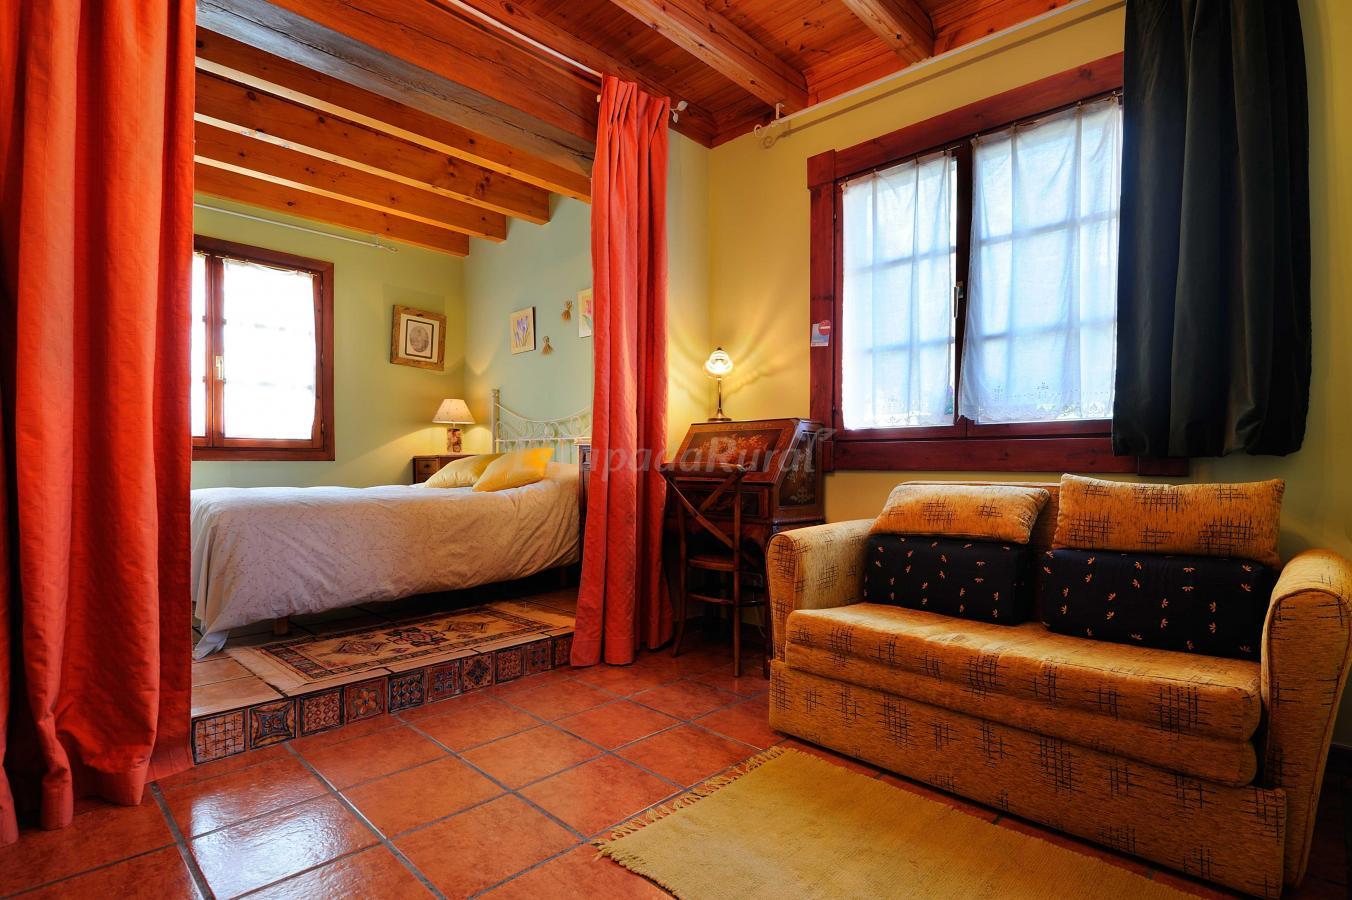 Fotos de la casa de madera casa rural en arrieta vizcaya - La casa de madera valencia ...